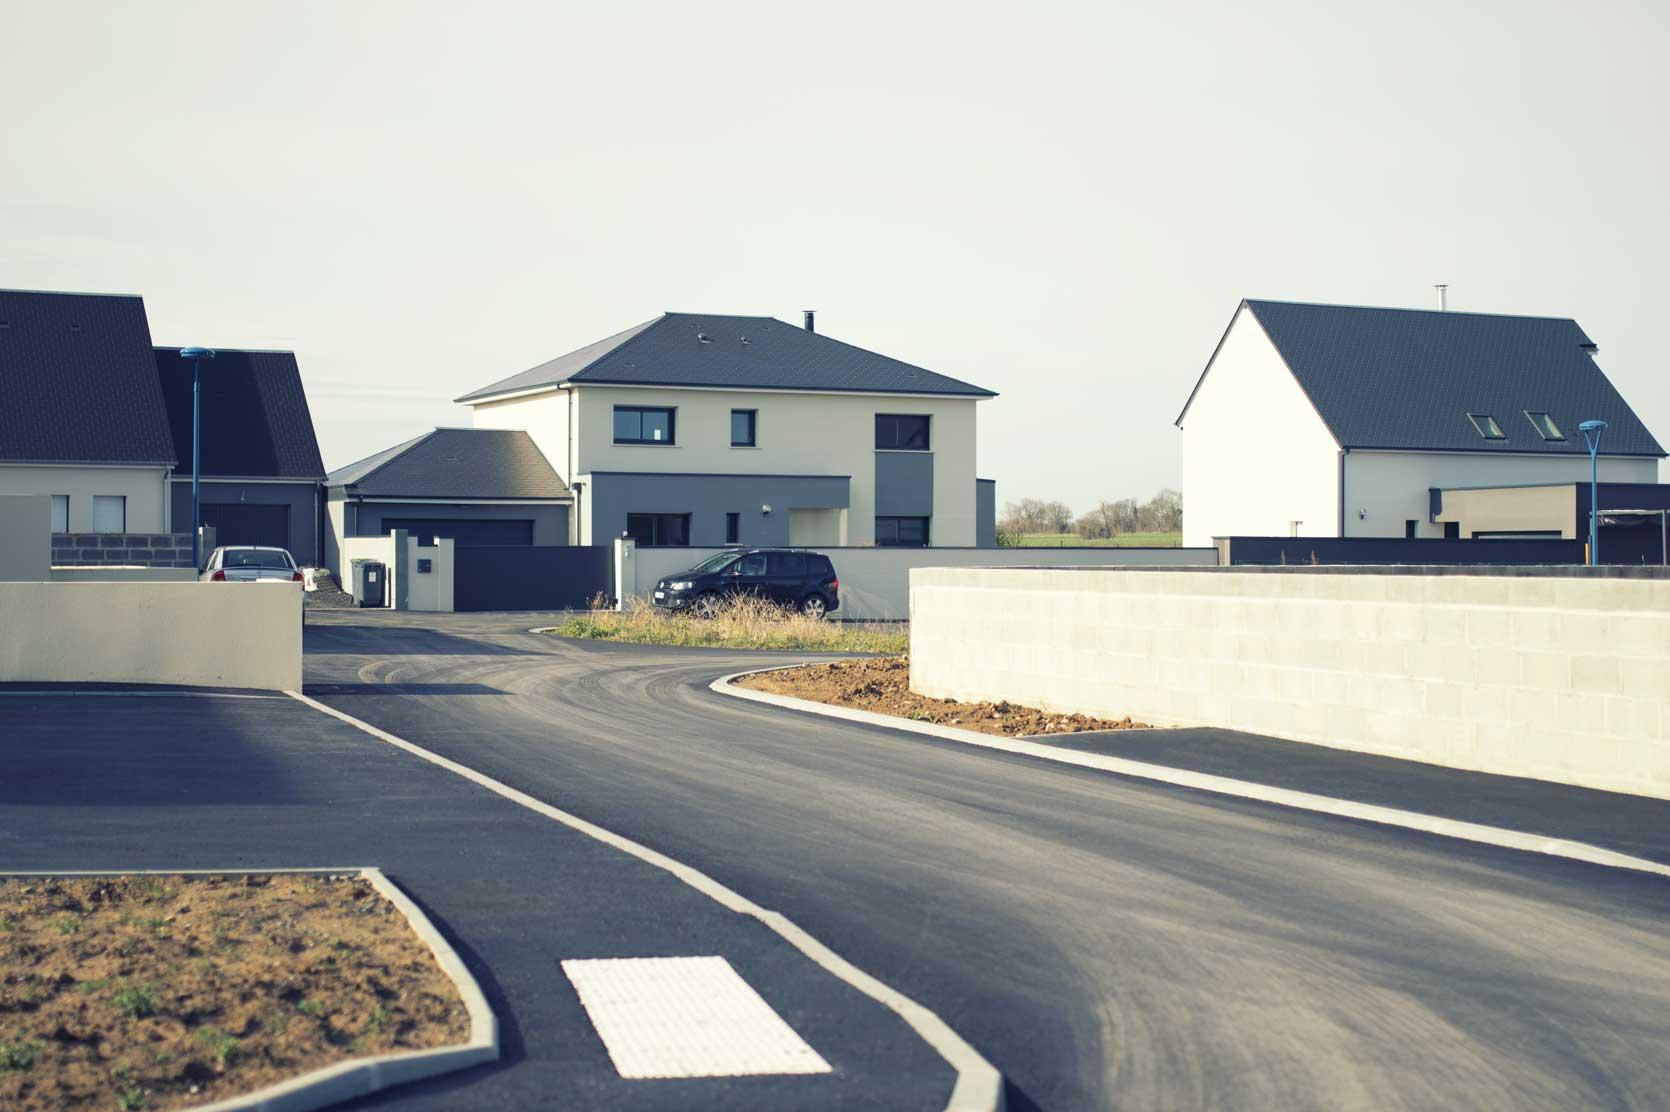 Le Clos des Pins, terrains à bâtir, maisons de ville et logements locatifs à Lion-sur-Mer - SAPI